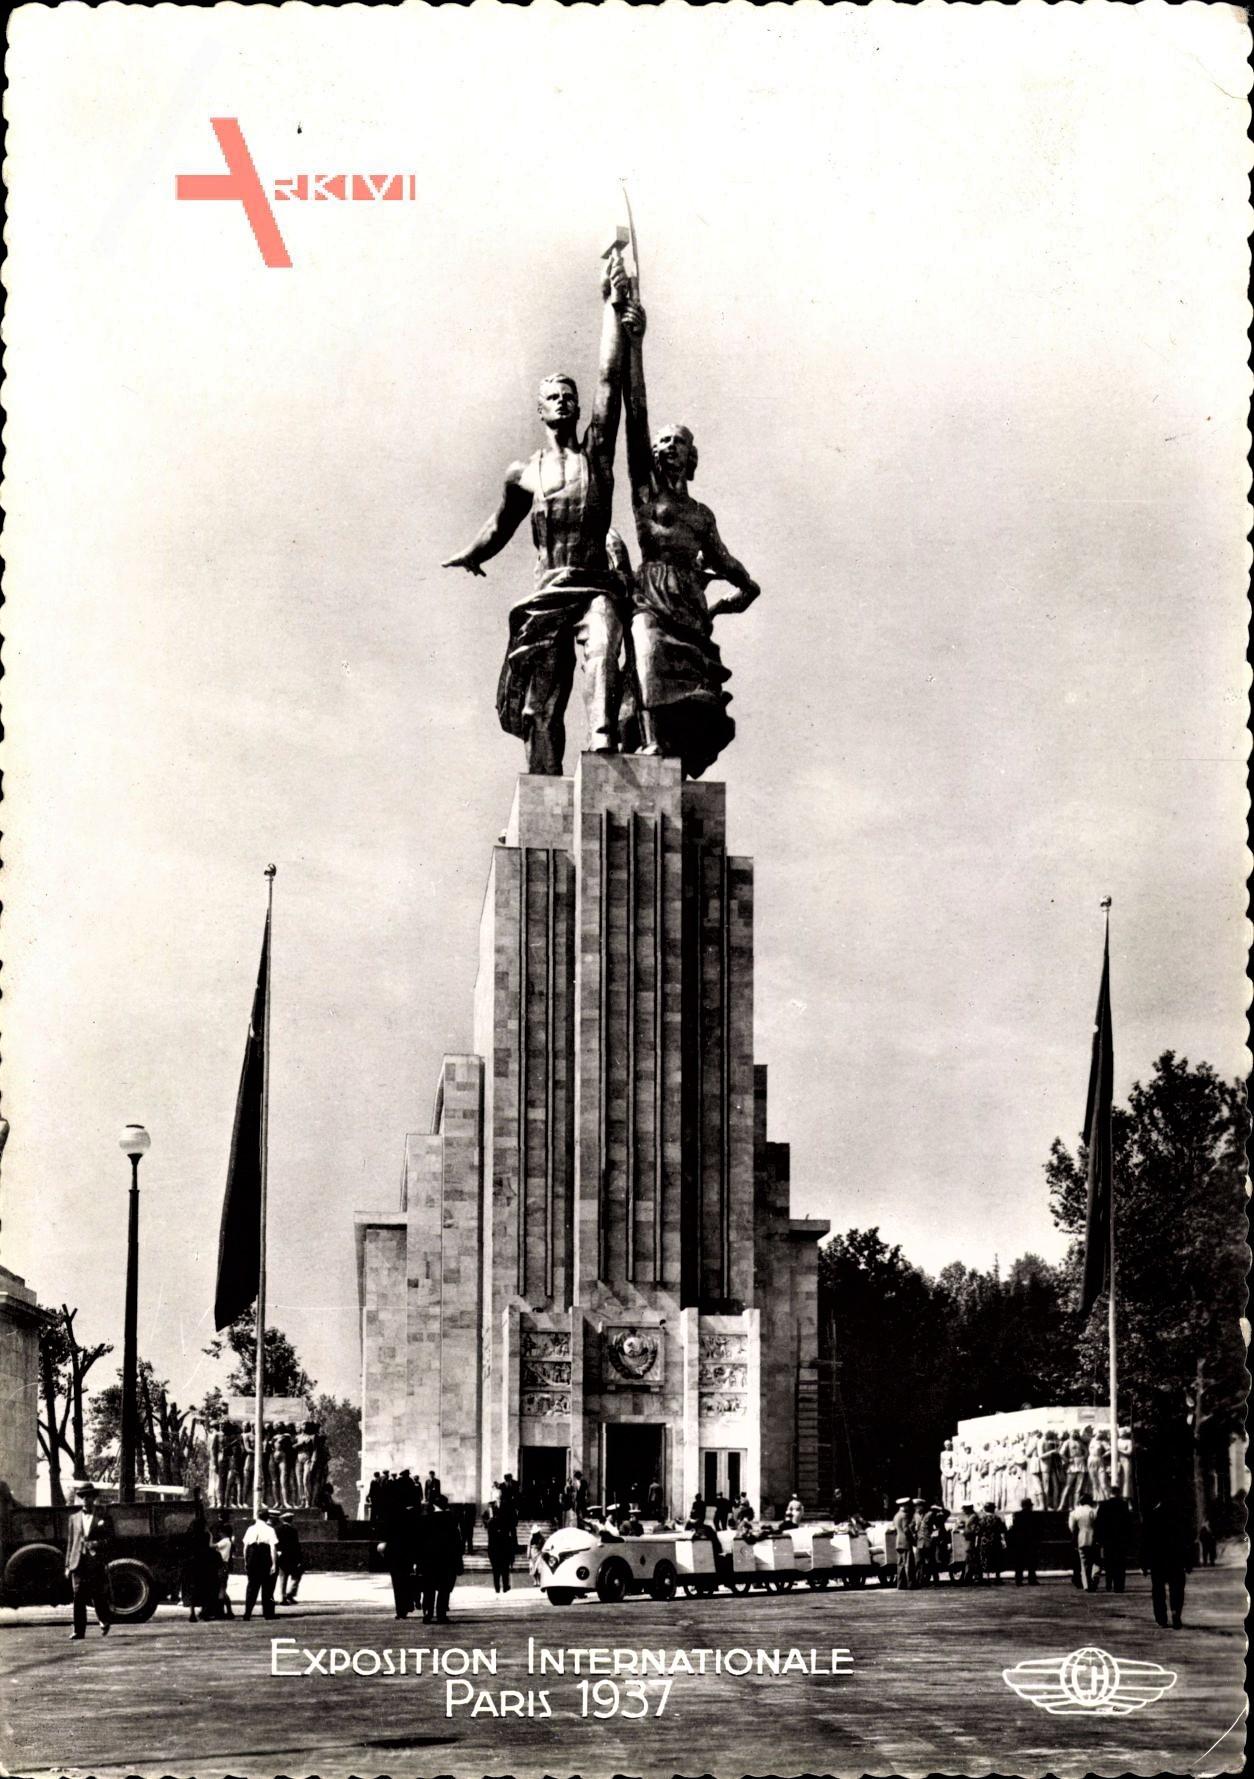 Париж, Expo, Всемирная выставка 1937 года, Pavillon de l'U.R.S.S., советское здание